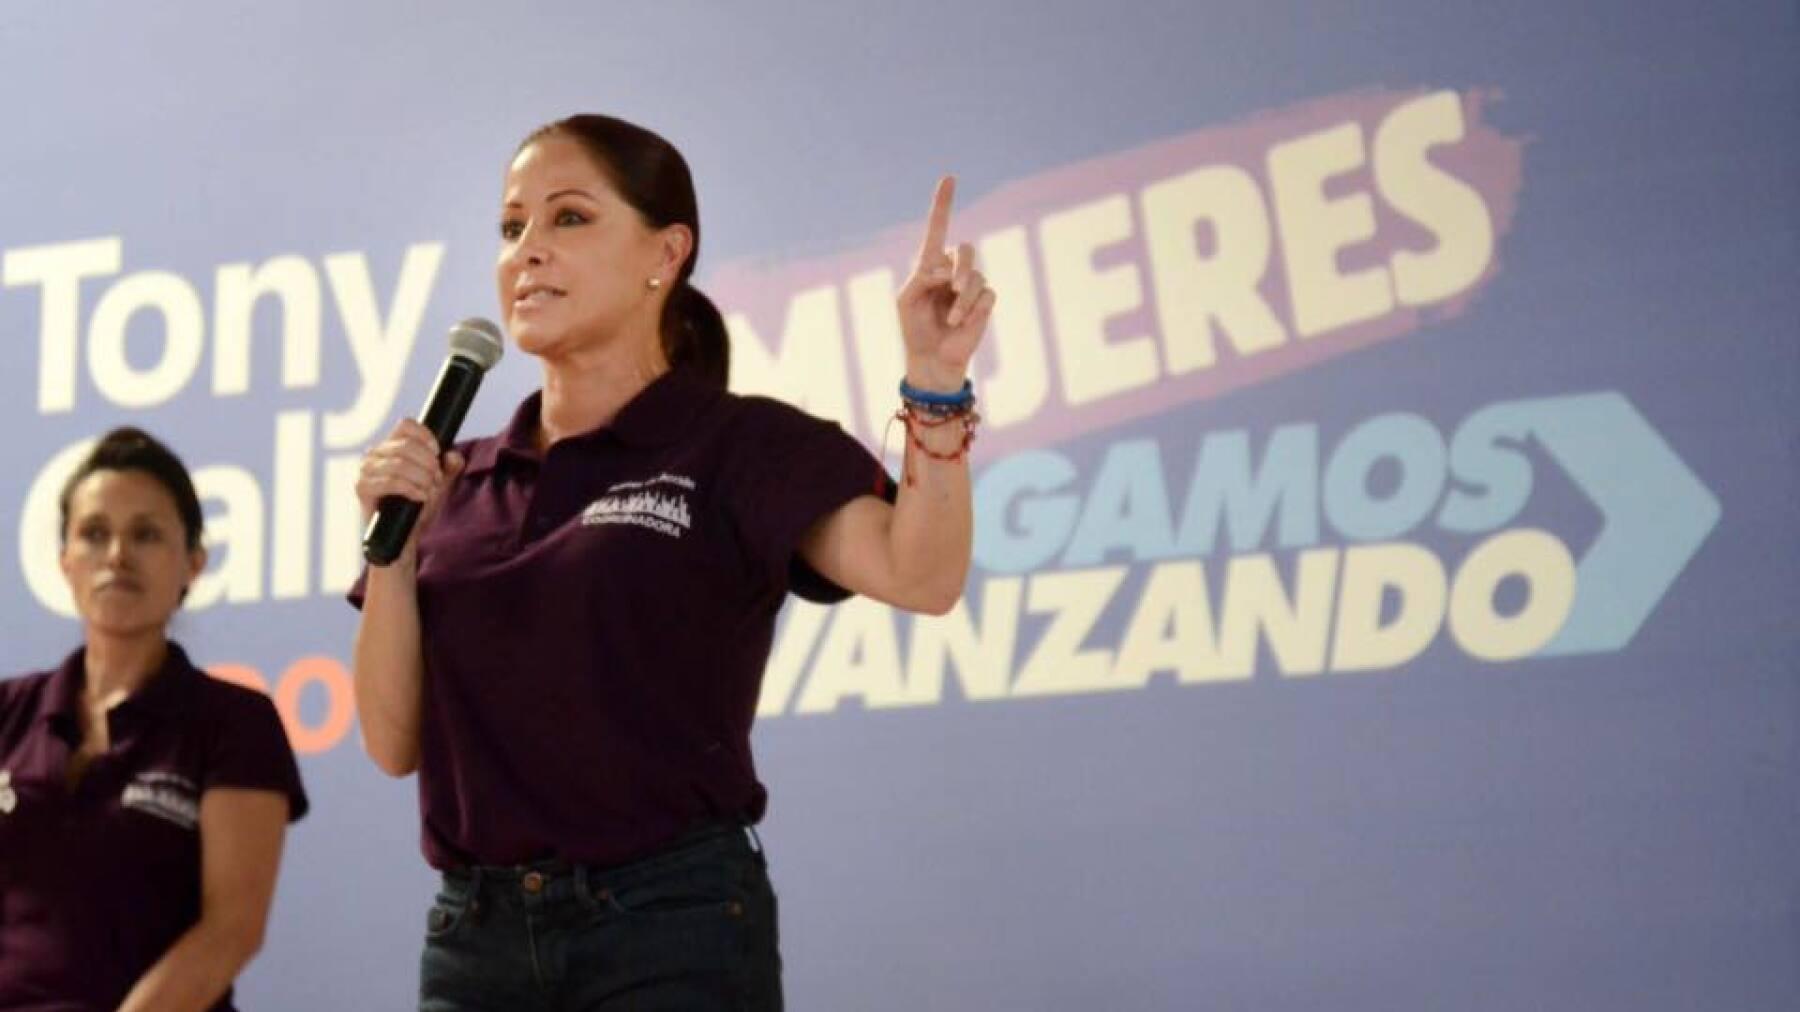 La esposa del panista encabeza la Red de Mujeres en Acción para promover el voto a favor del panista Antonio Gali.